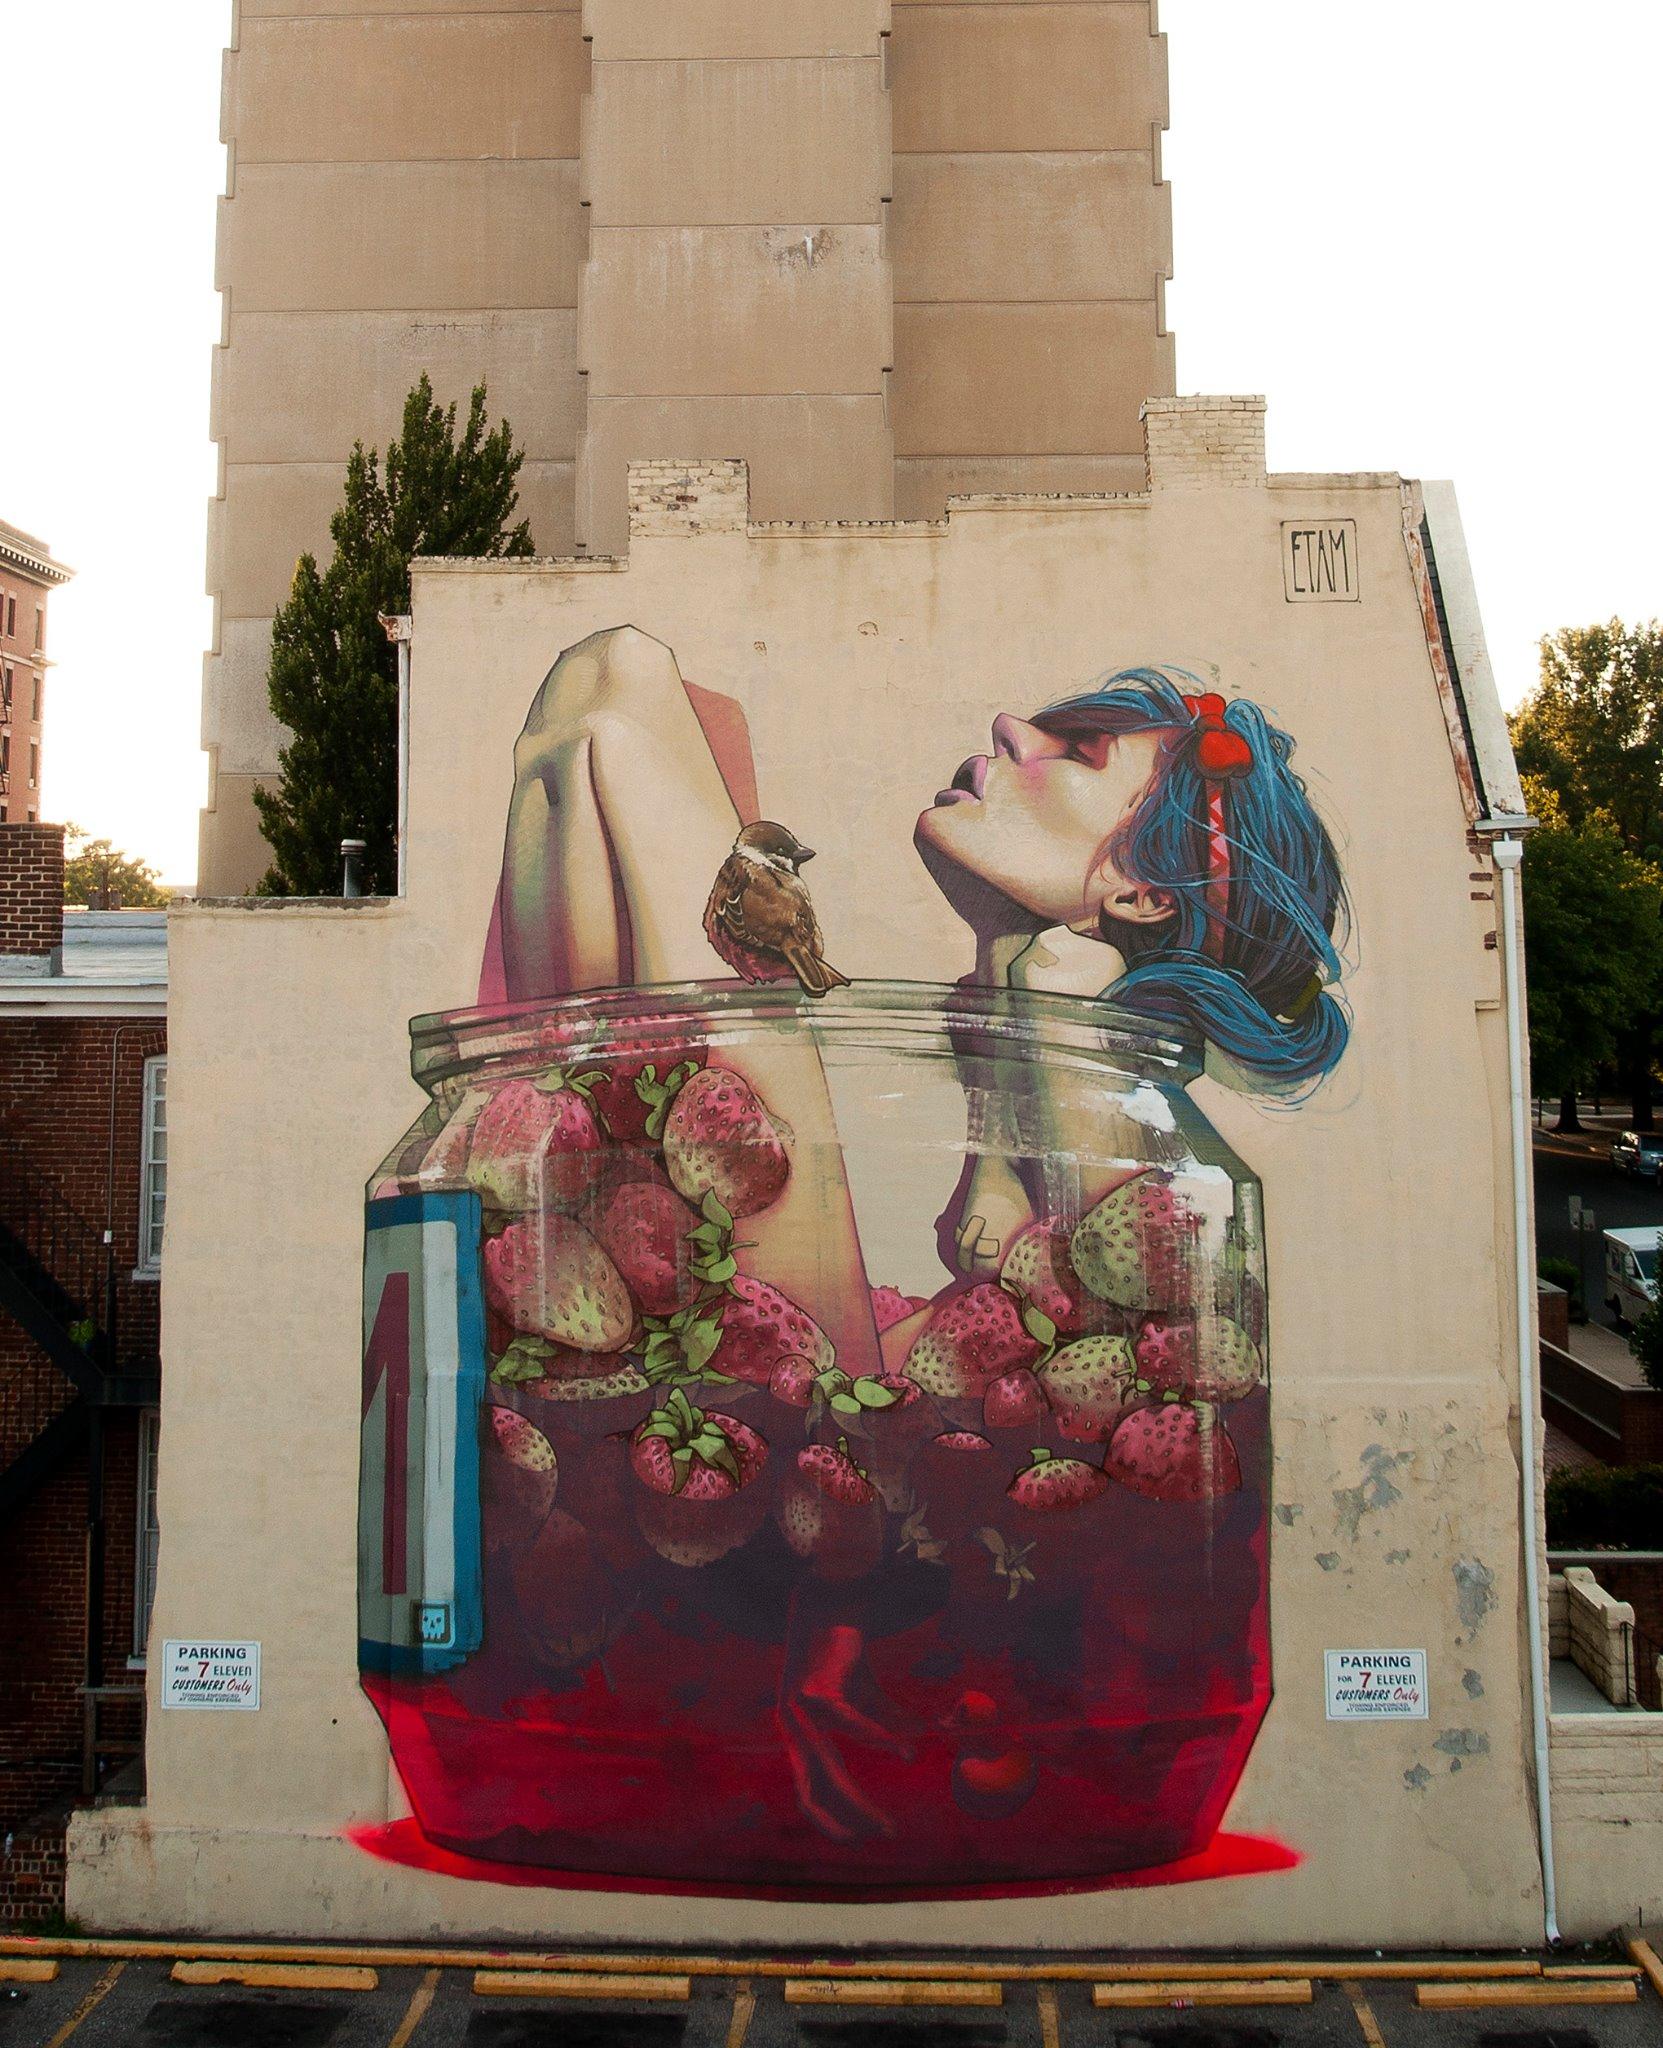 montreal-mural-festival-Etam-Cru